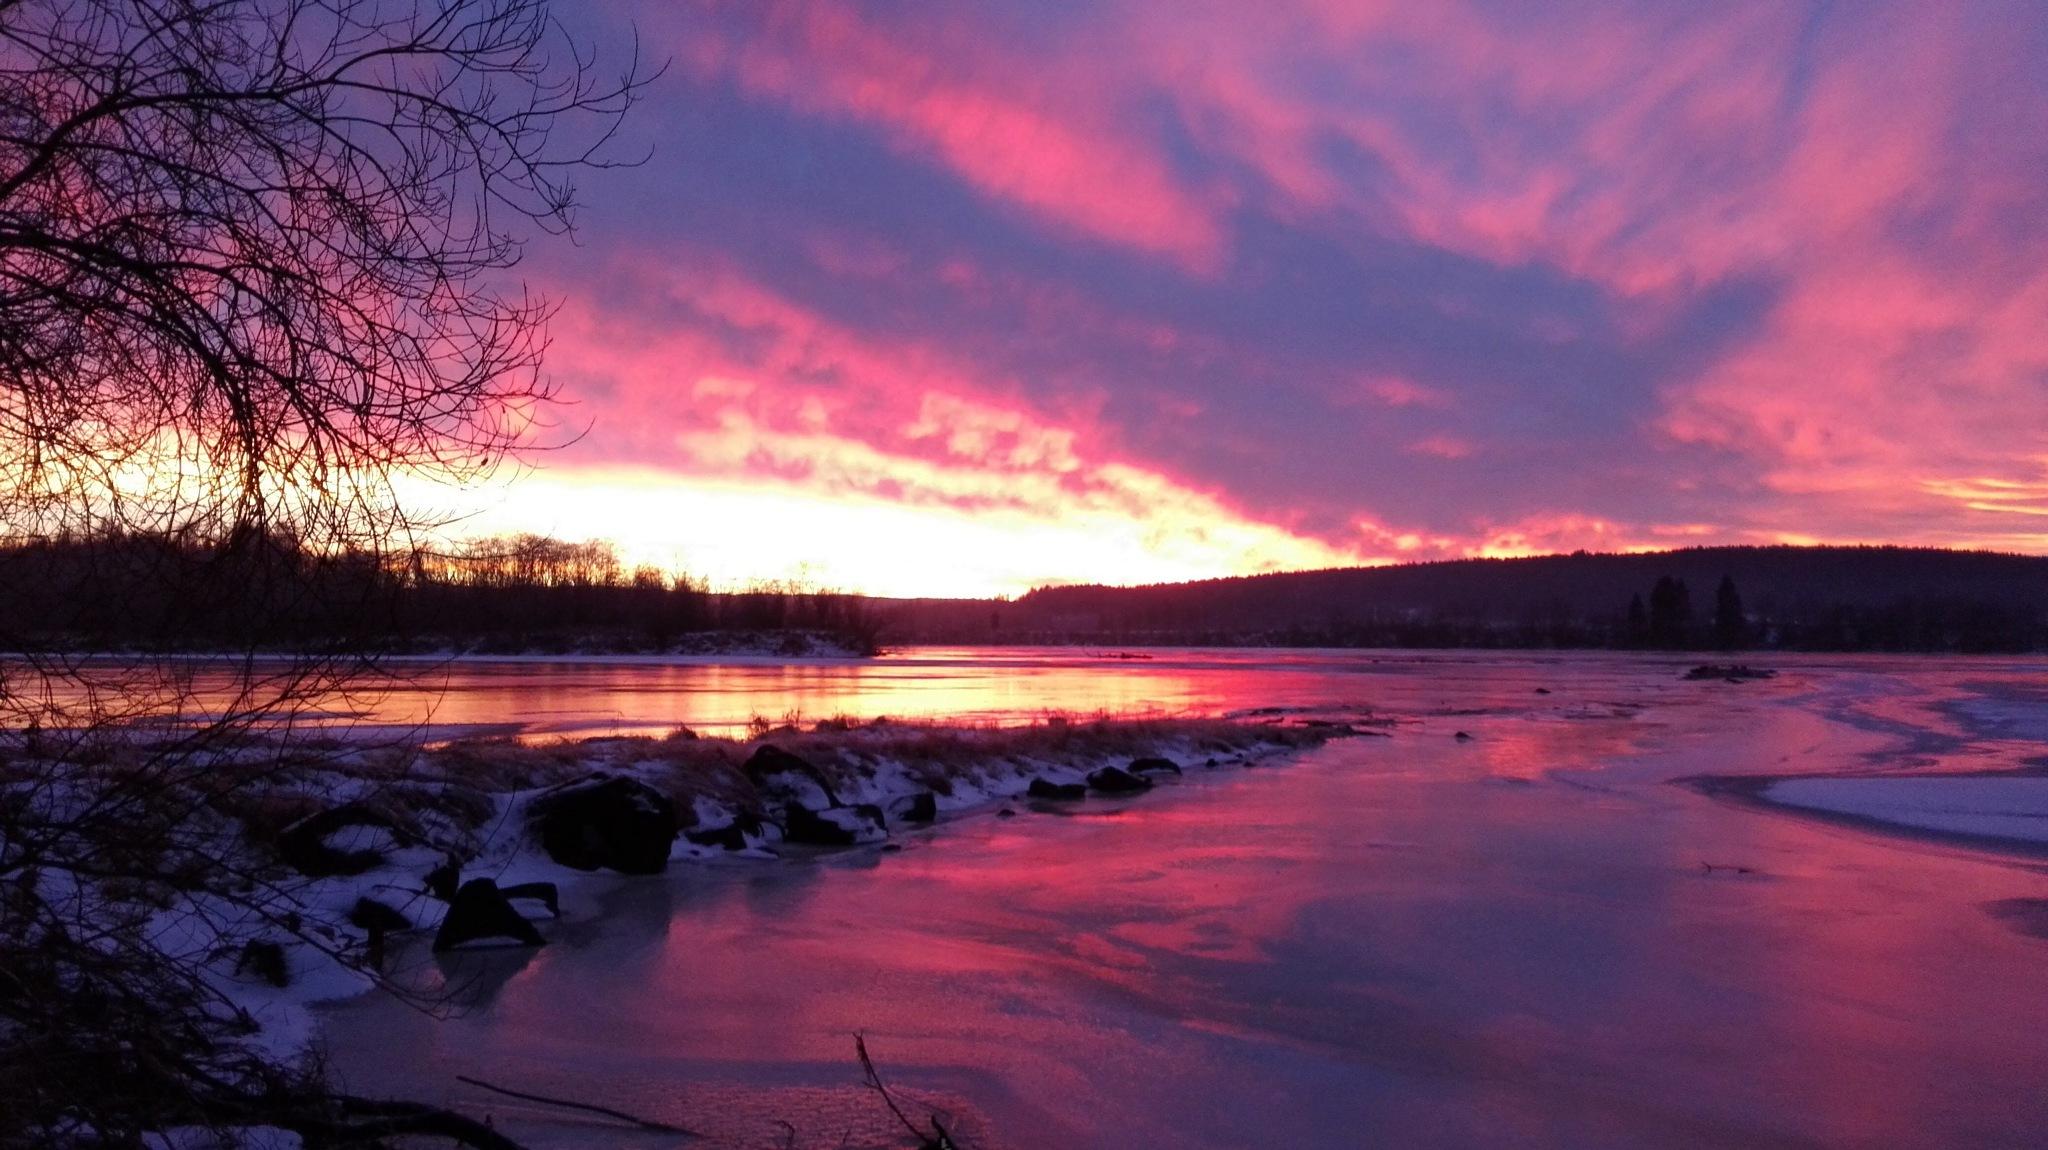 Sunset by kjellfossmellem